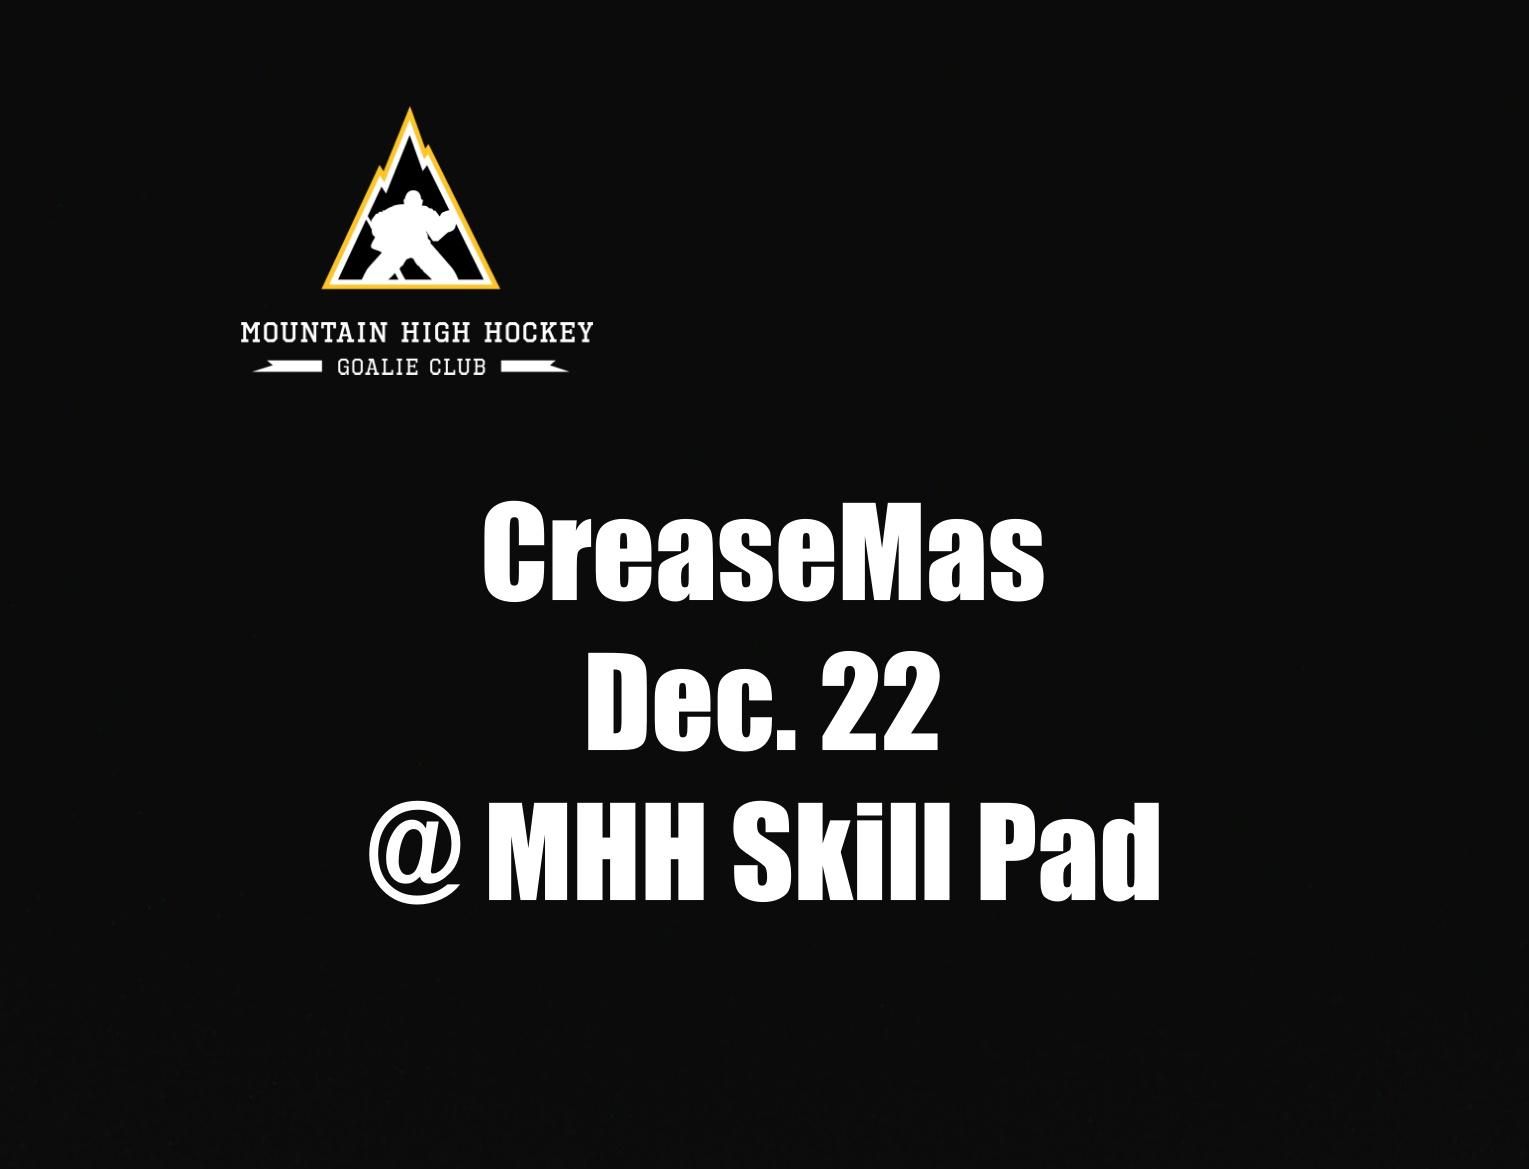 skill-pad-creasemas.jpg